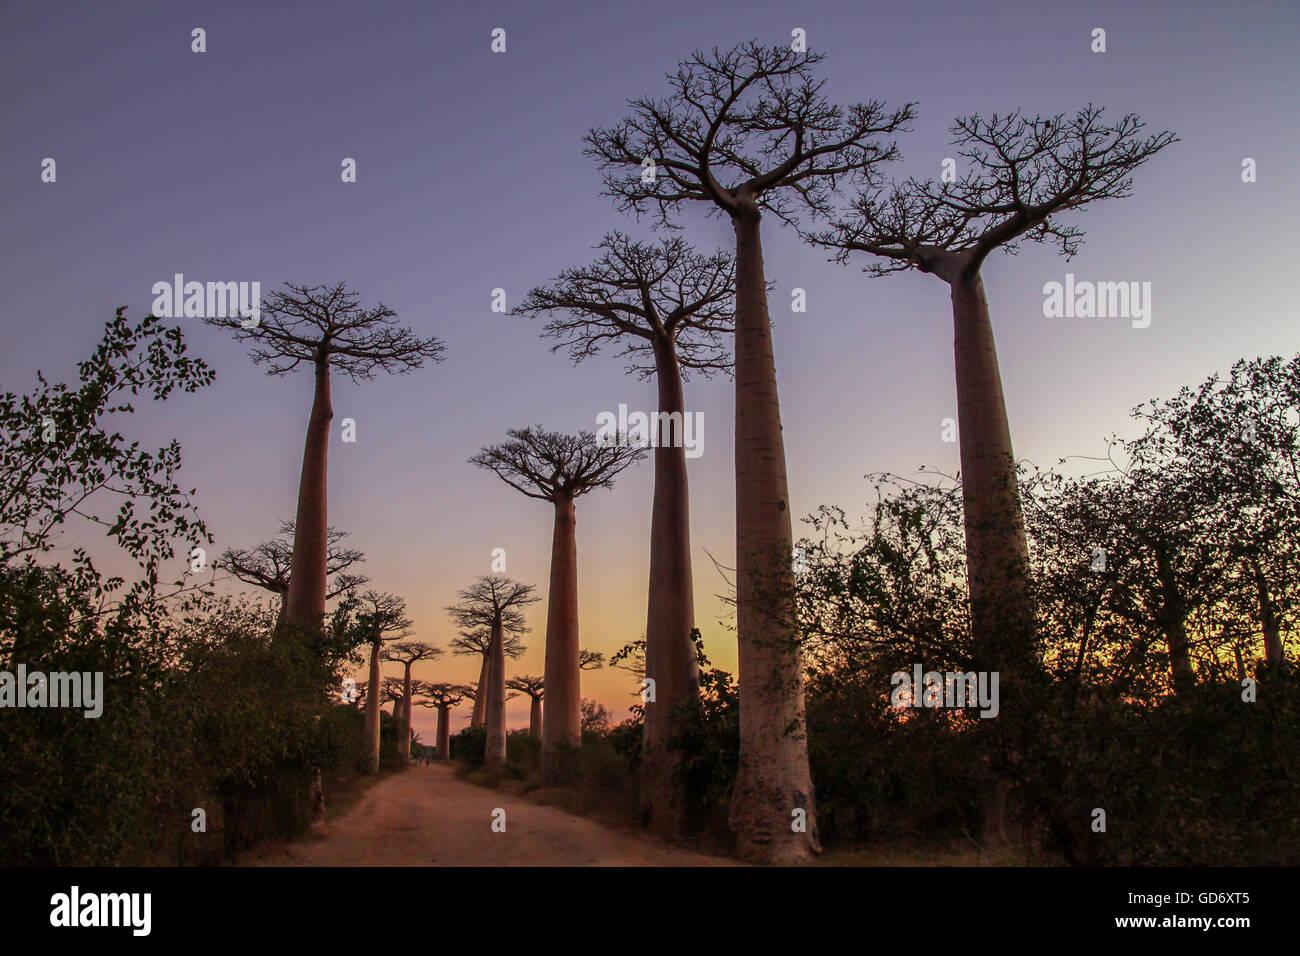 Atardecer en la famosa avenida de baobabs cerca de Morondava, en Madagascar Imagen De Stock